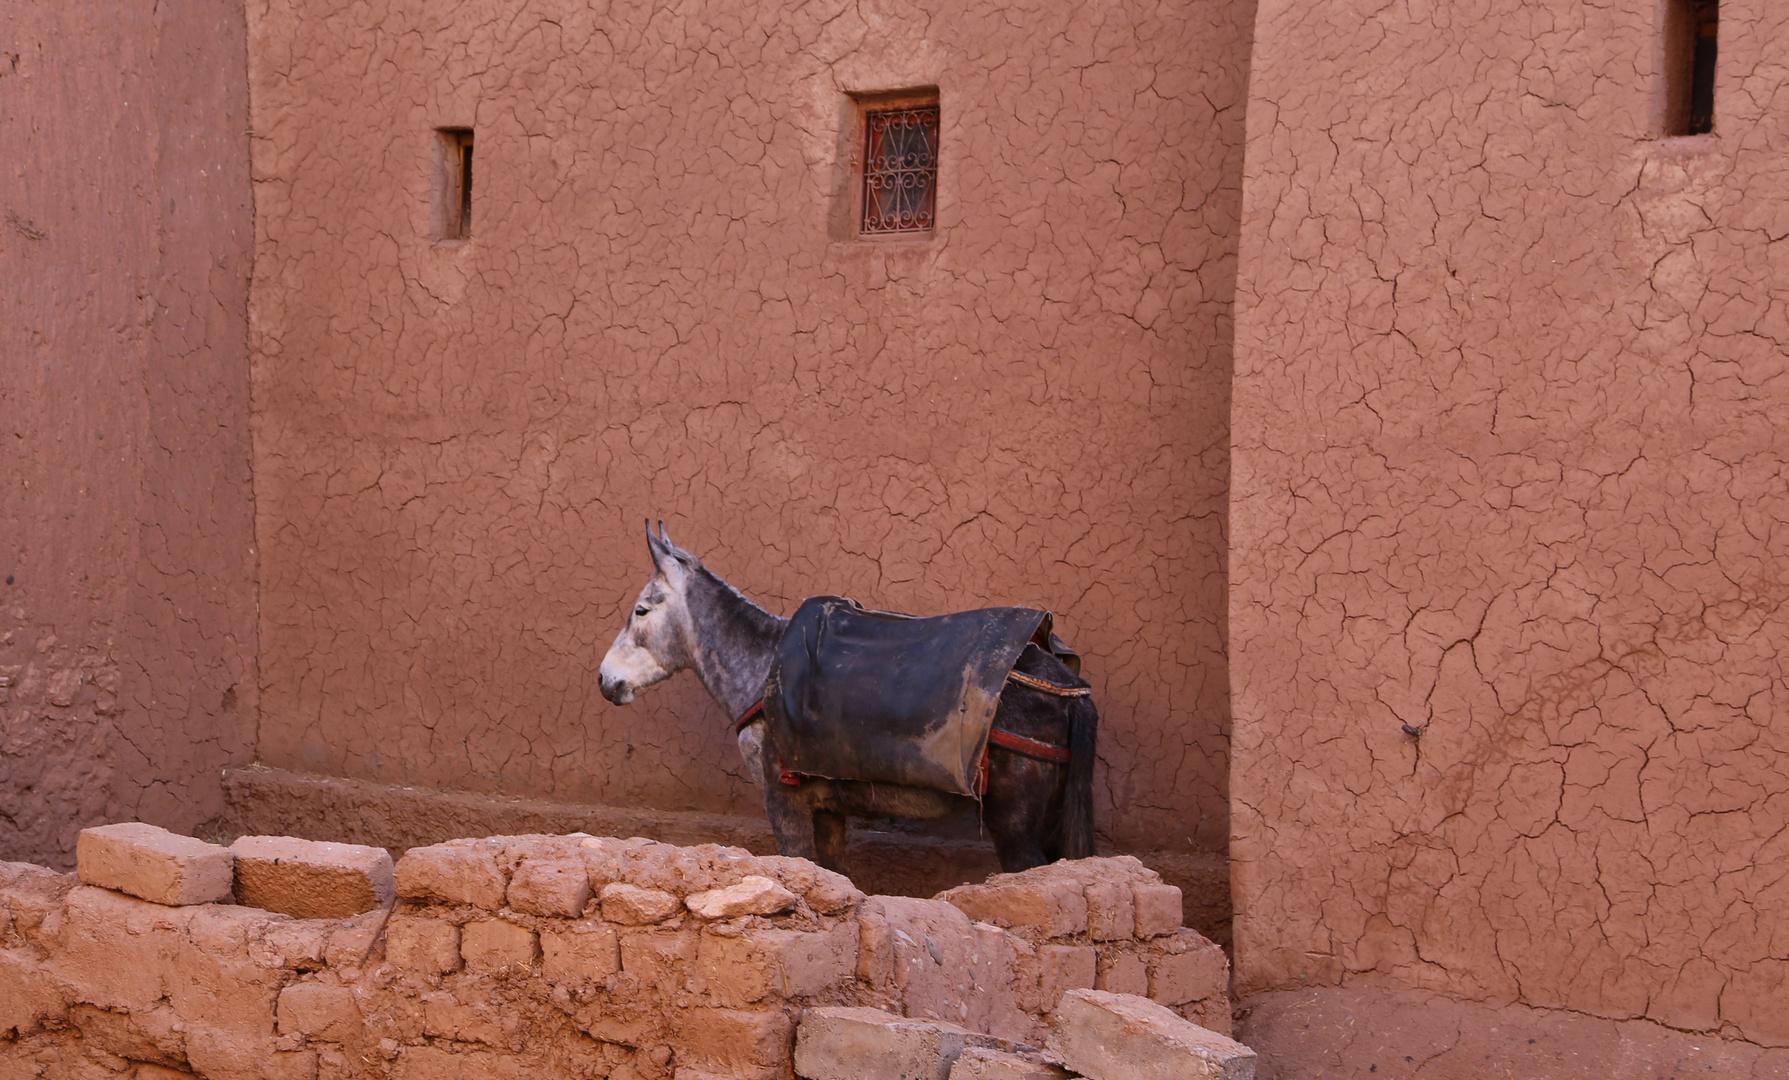 Morocco, Kasbah Ait Ben Haddou